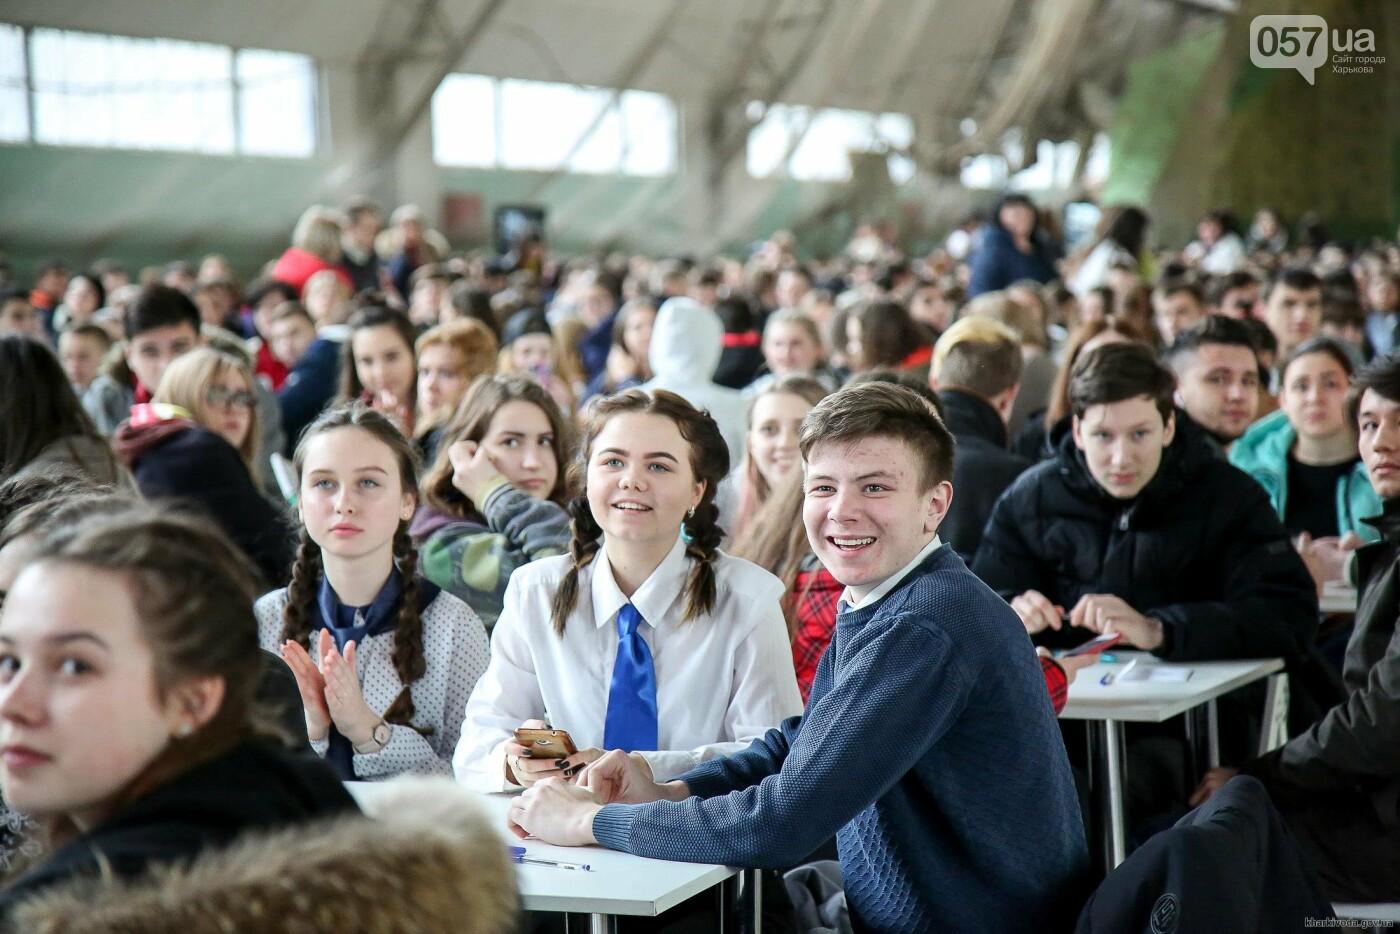 В Харьковской области установили интеллектуальный рекорд Украины, фото-4